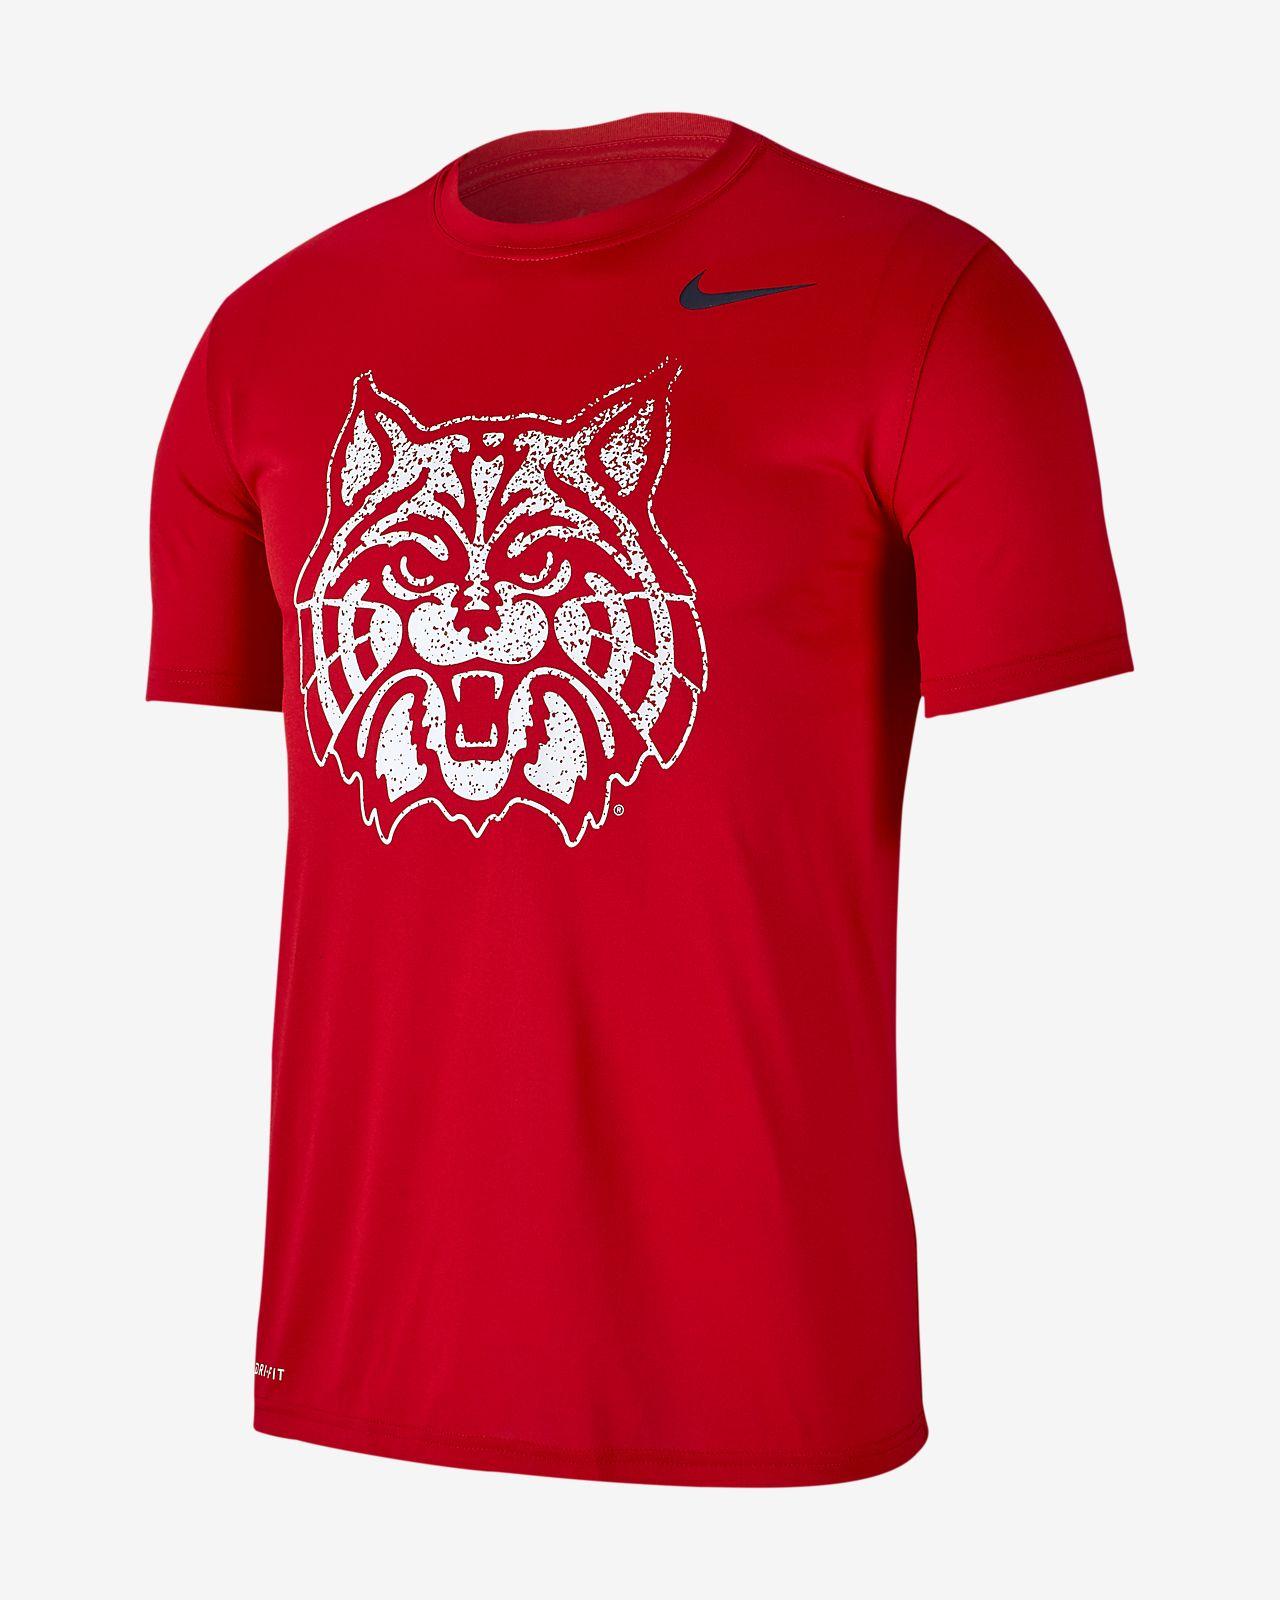 00925bac Nike Dri-FIT Legend (Arizona) Men's Short-Sleeve T-Shirt. Nike.com